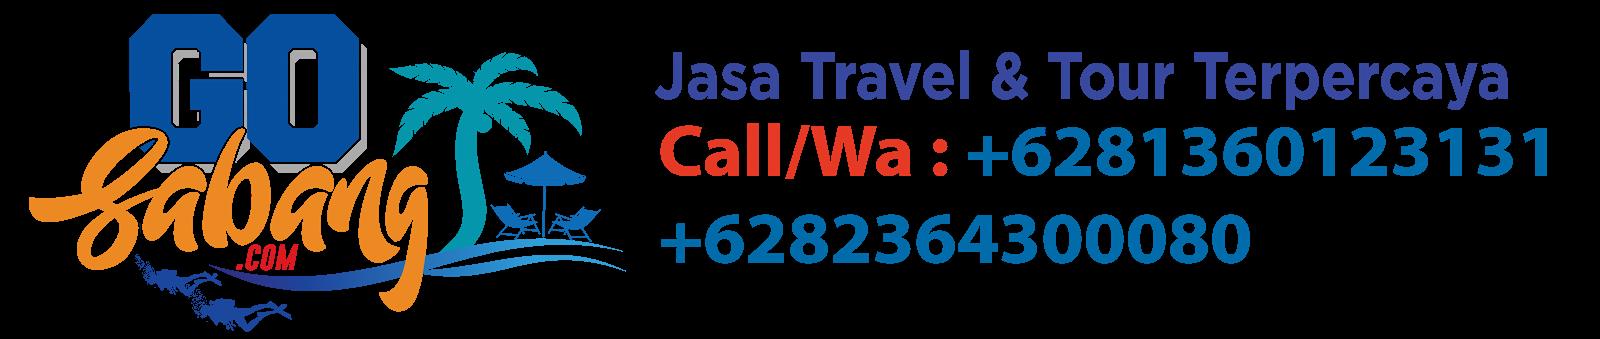 Jasa Travel dan Tour Terpecaya